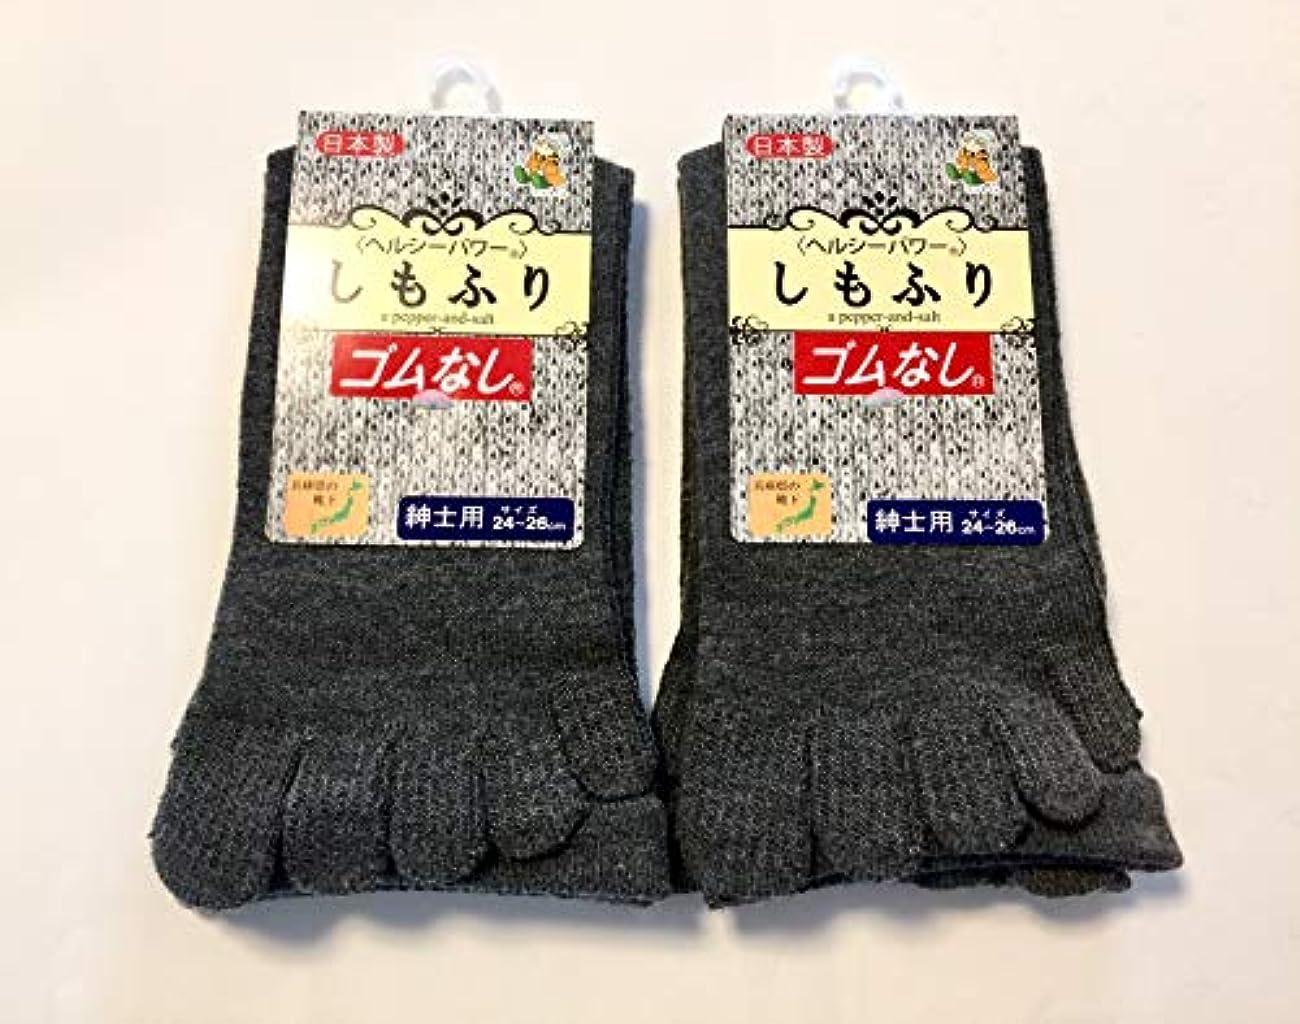 炎上流す小麦日本製 5本指ソックス メンズ 口ゴムなし しめつけない靴下 24~26cm チャコール2足組